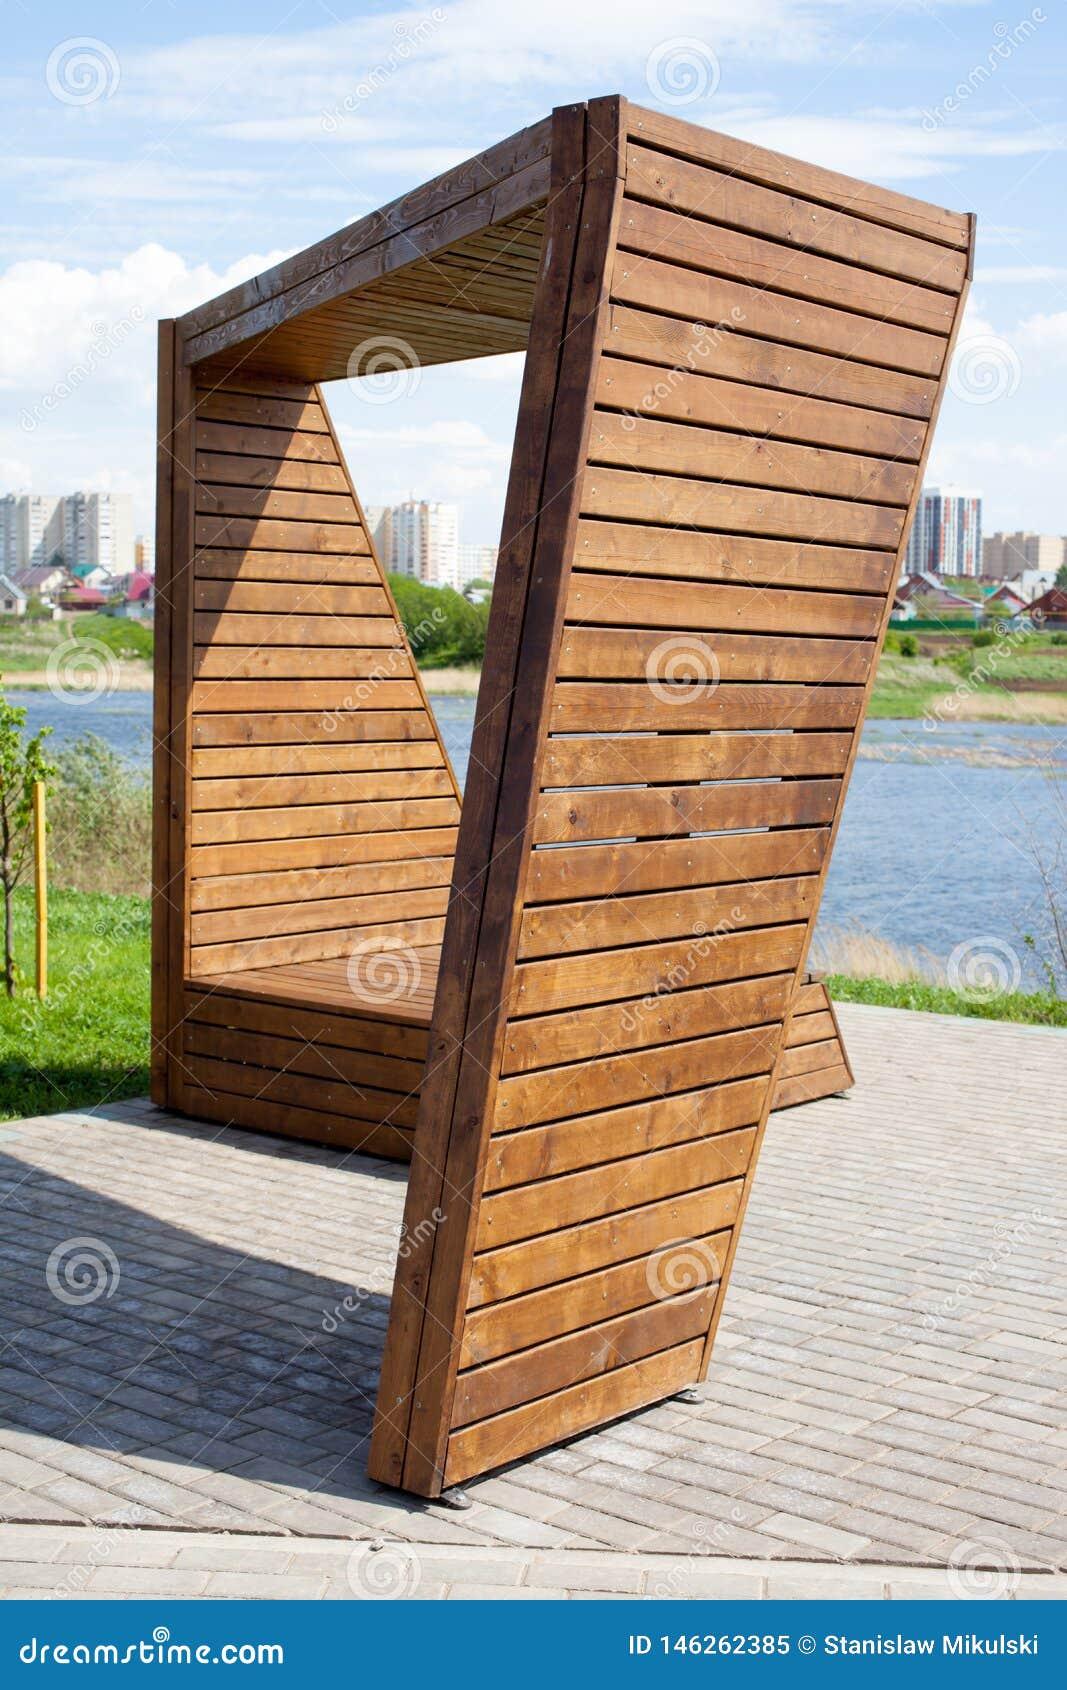 Ασυνήθιστος διακοσμητικός ξύλινος πάγκος στο πάρκο πόλεων κοντά στον ποταμό